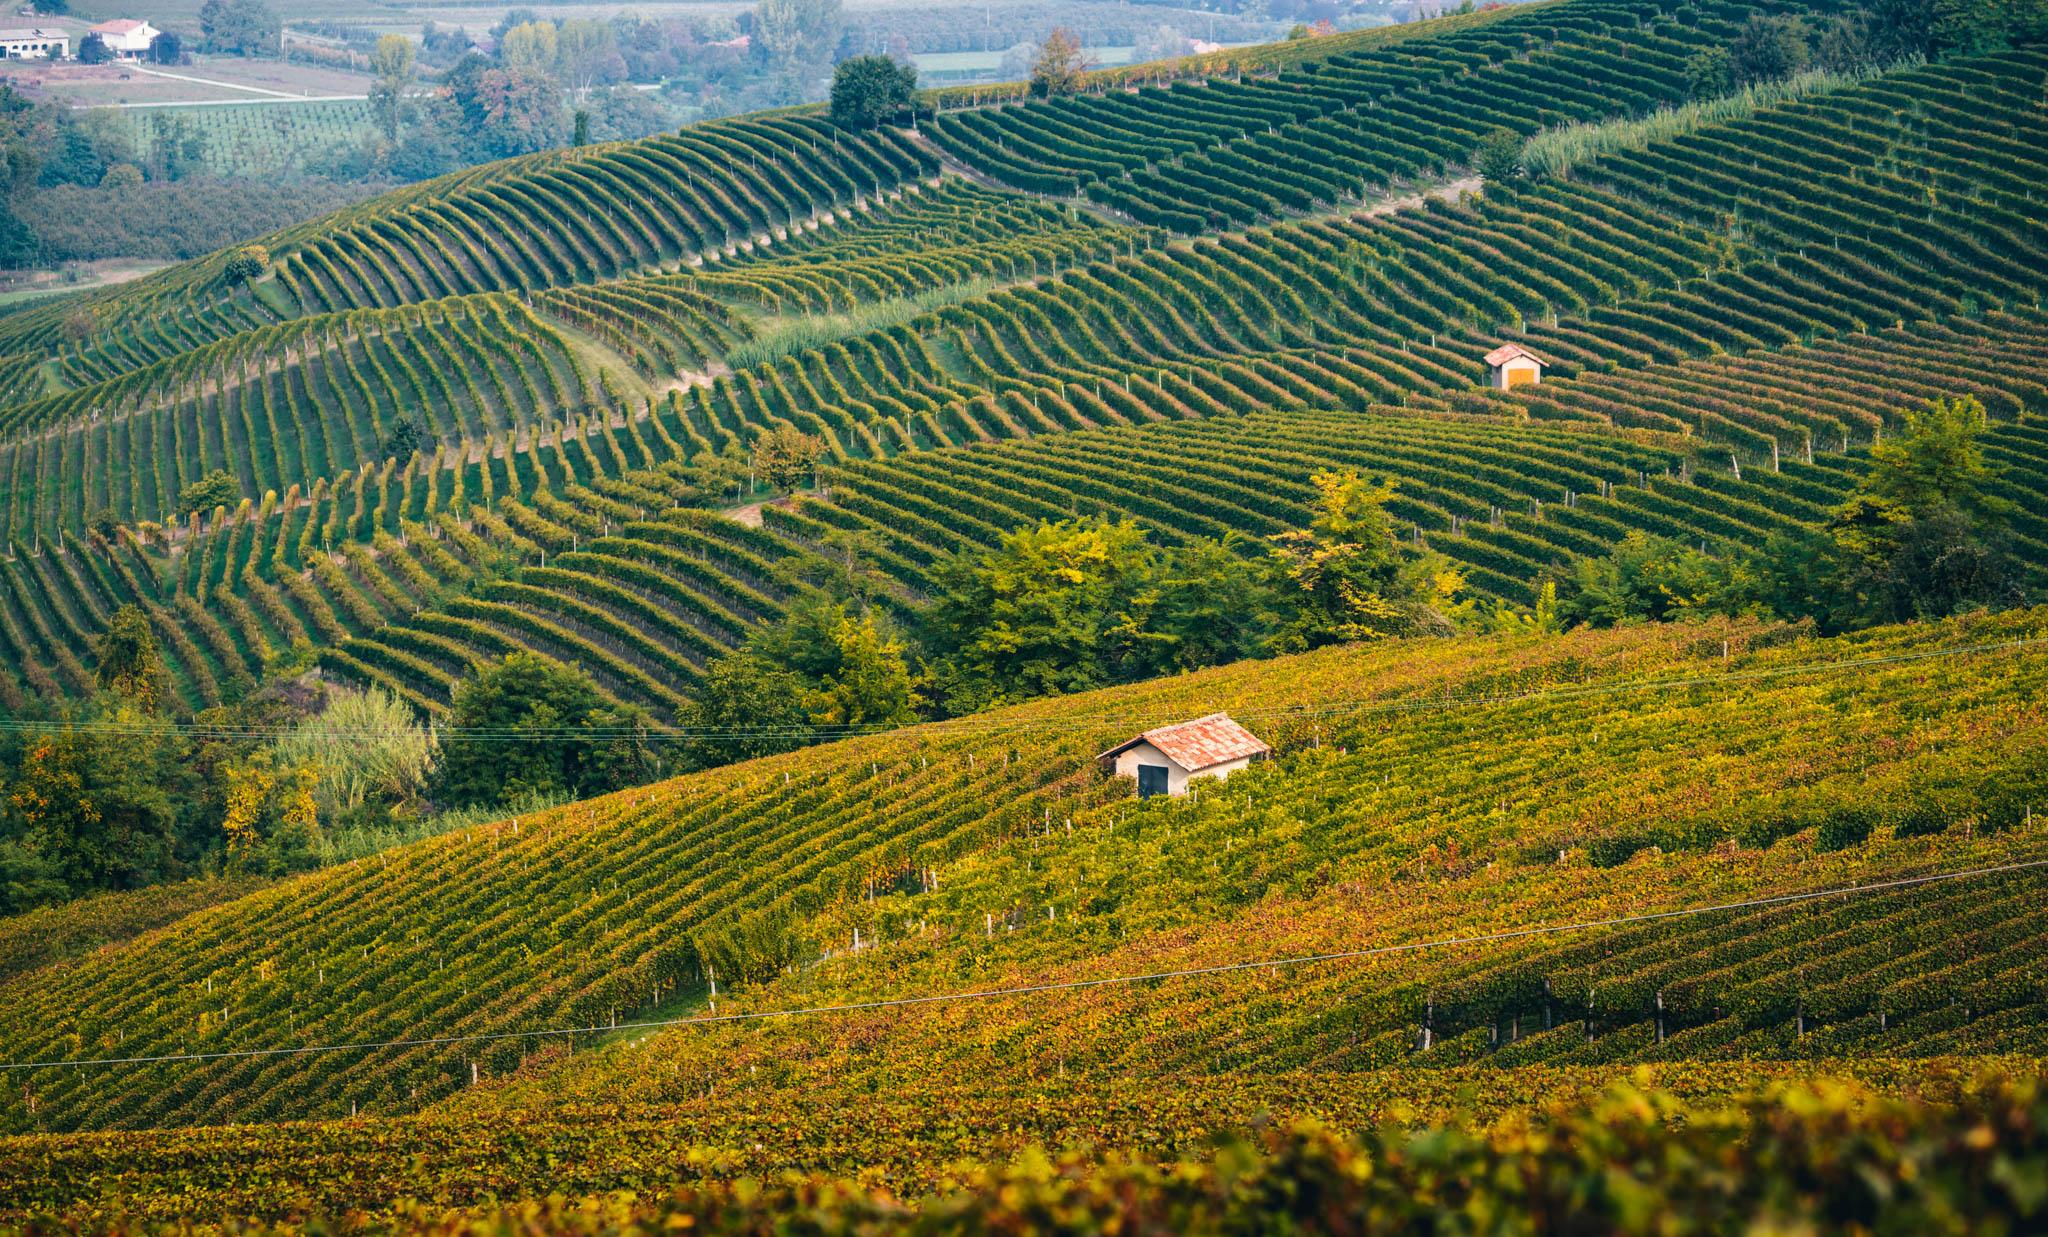 Italy : Piedmont : Villero cru in Castiglione Falletto